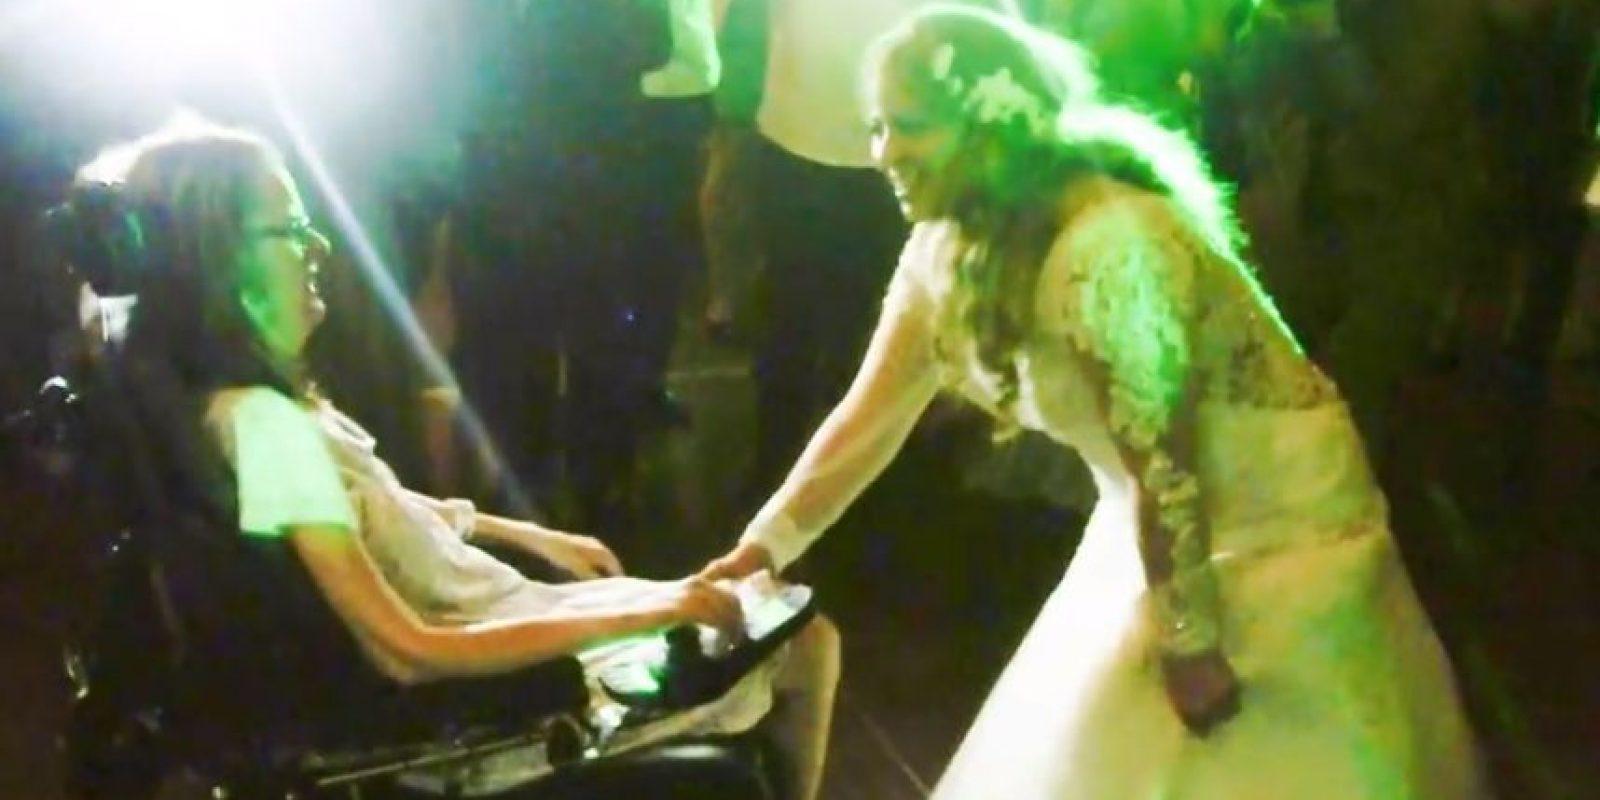 Y así, bailaron en medio de los invitados Foto:Reuben Castro/Youtube Anthony Carbajal